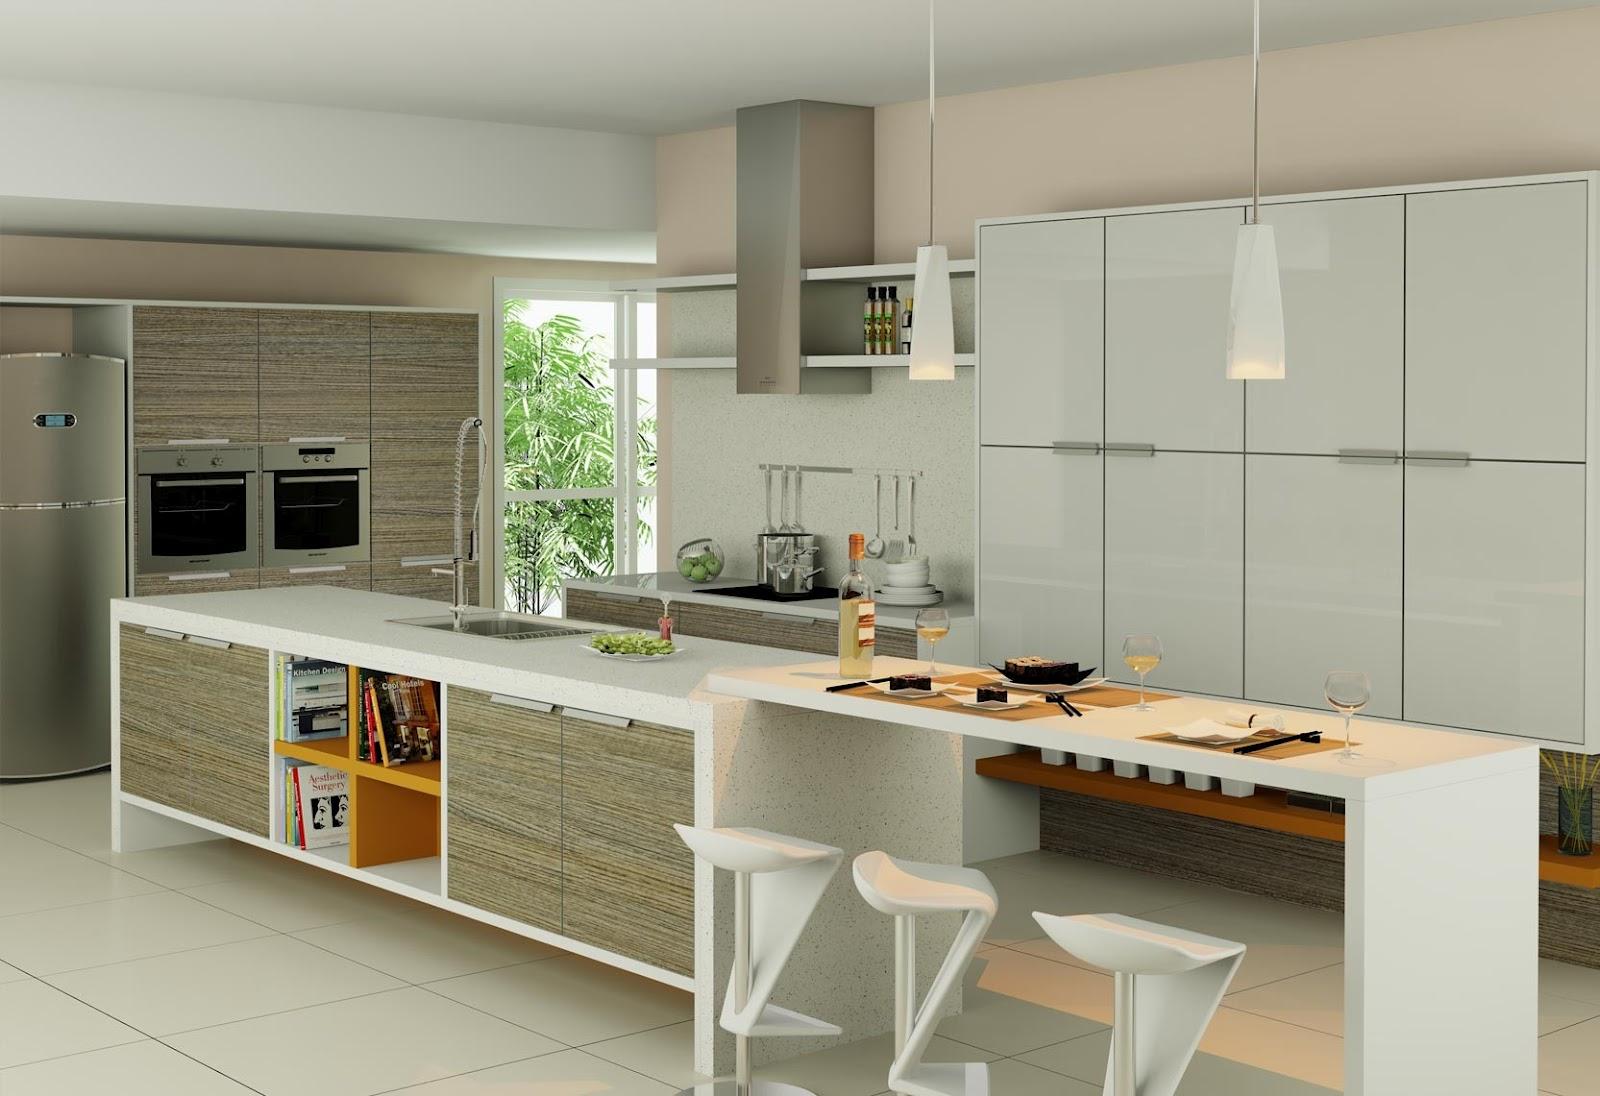 Lar Mobile Móveis Planejados: Cozinhas #9F712C 1600 1096